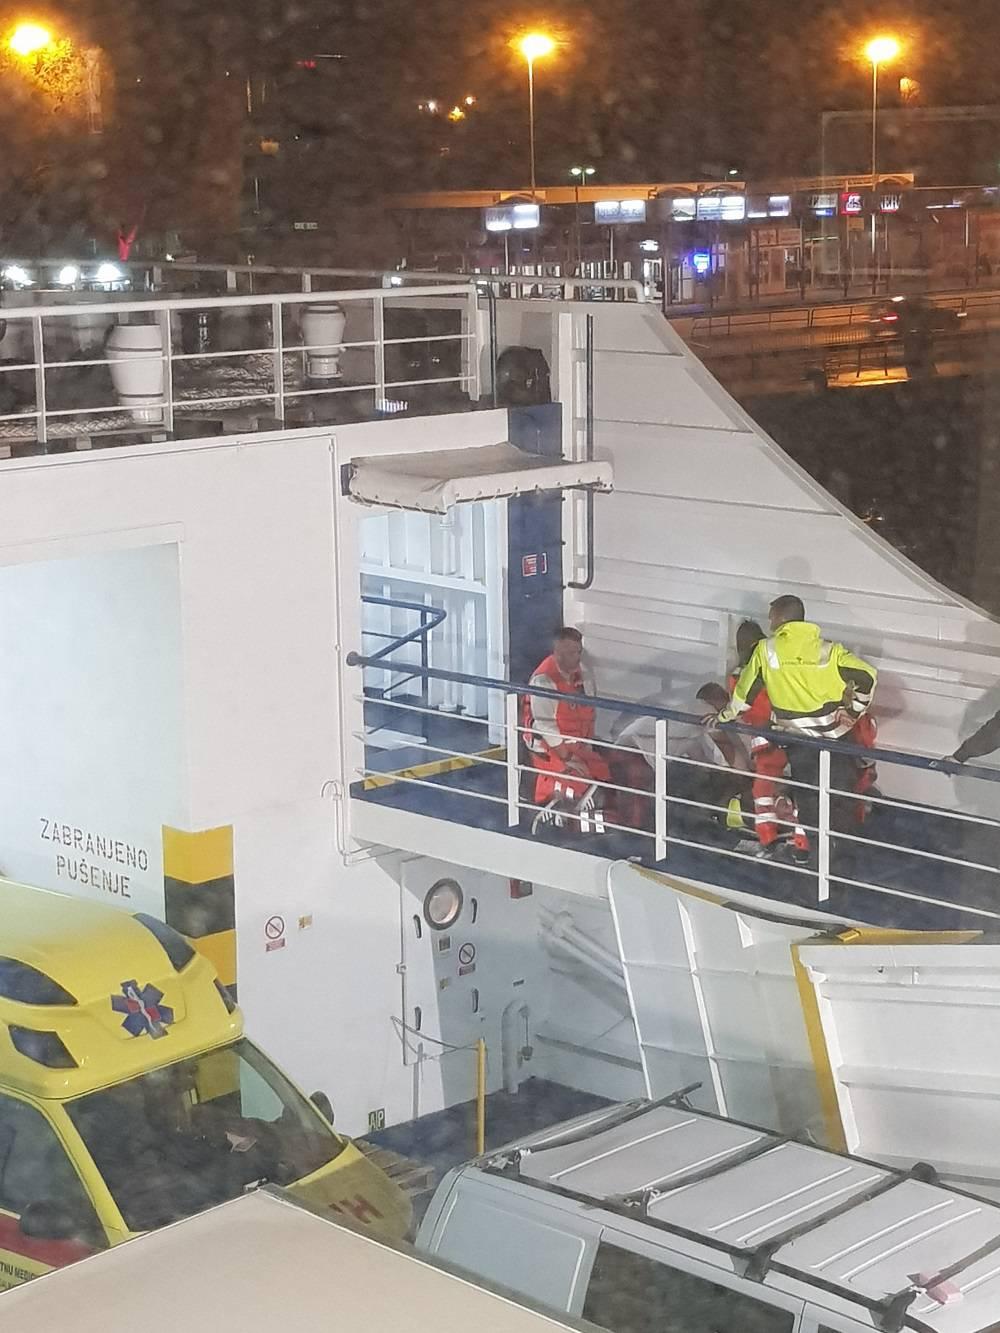 Mornar odvezivao uže trajekta, pao sa stepenica i ozlijedio se